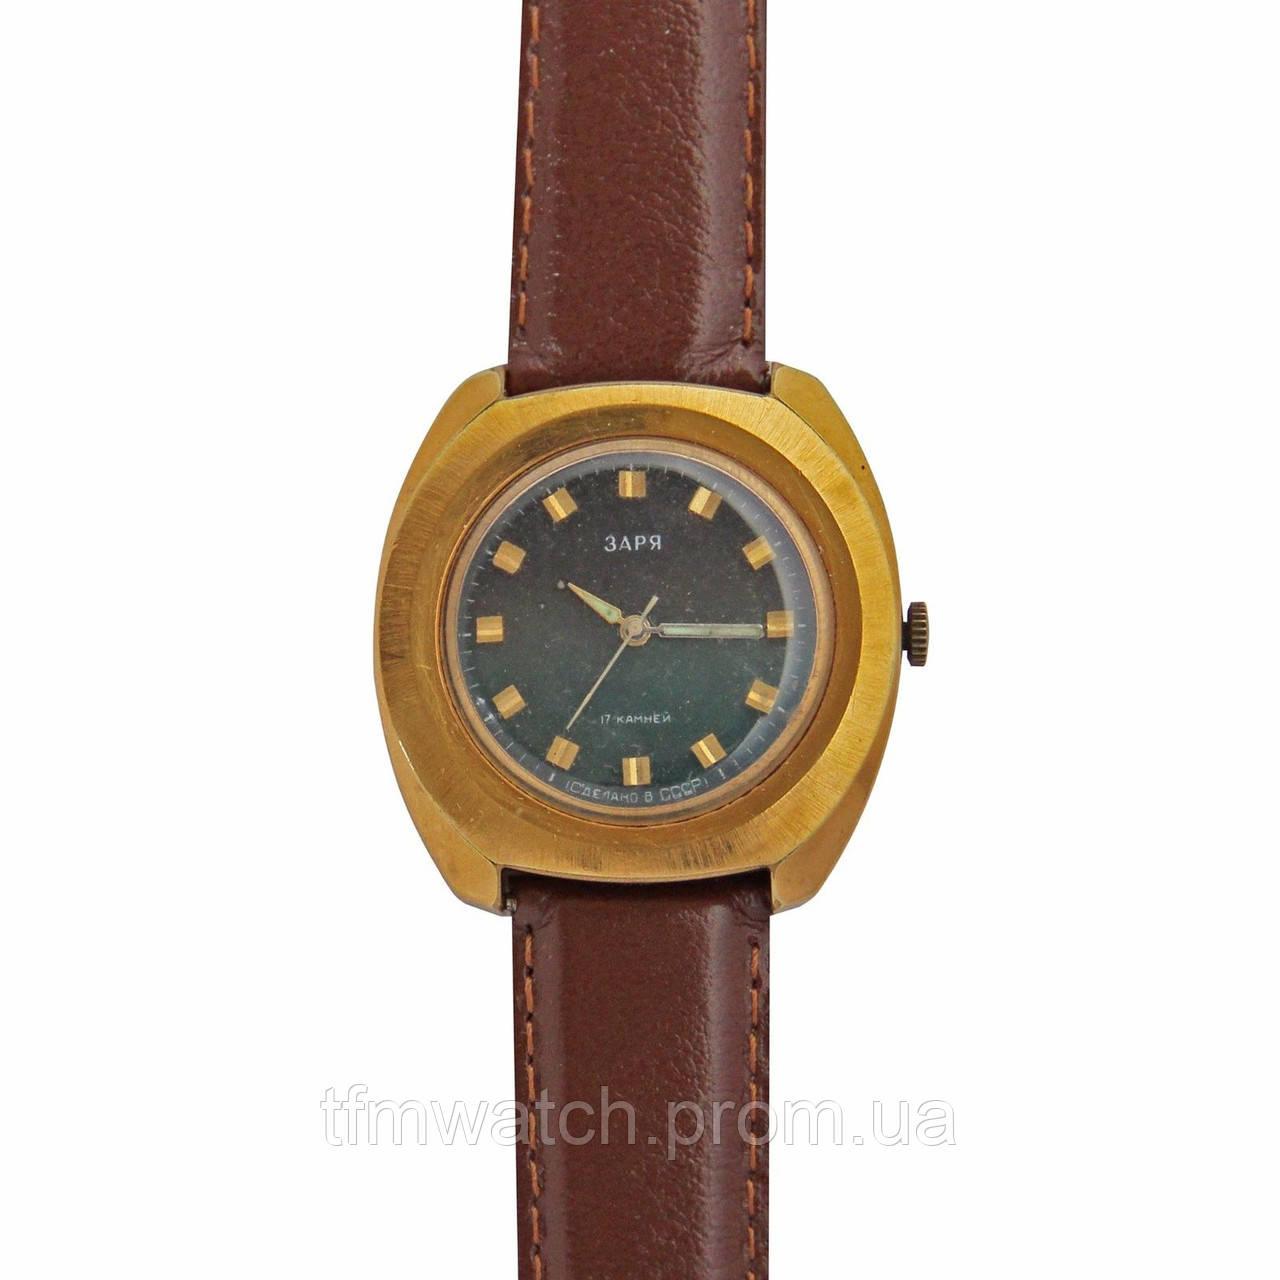 Механические часы Заря СССР